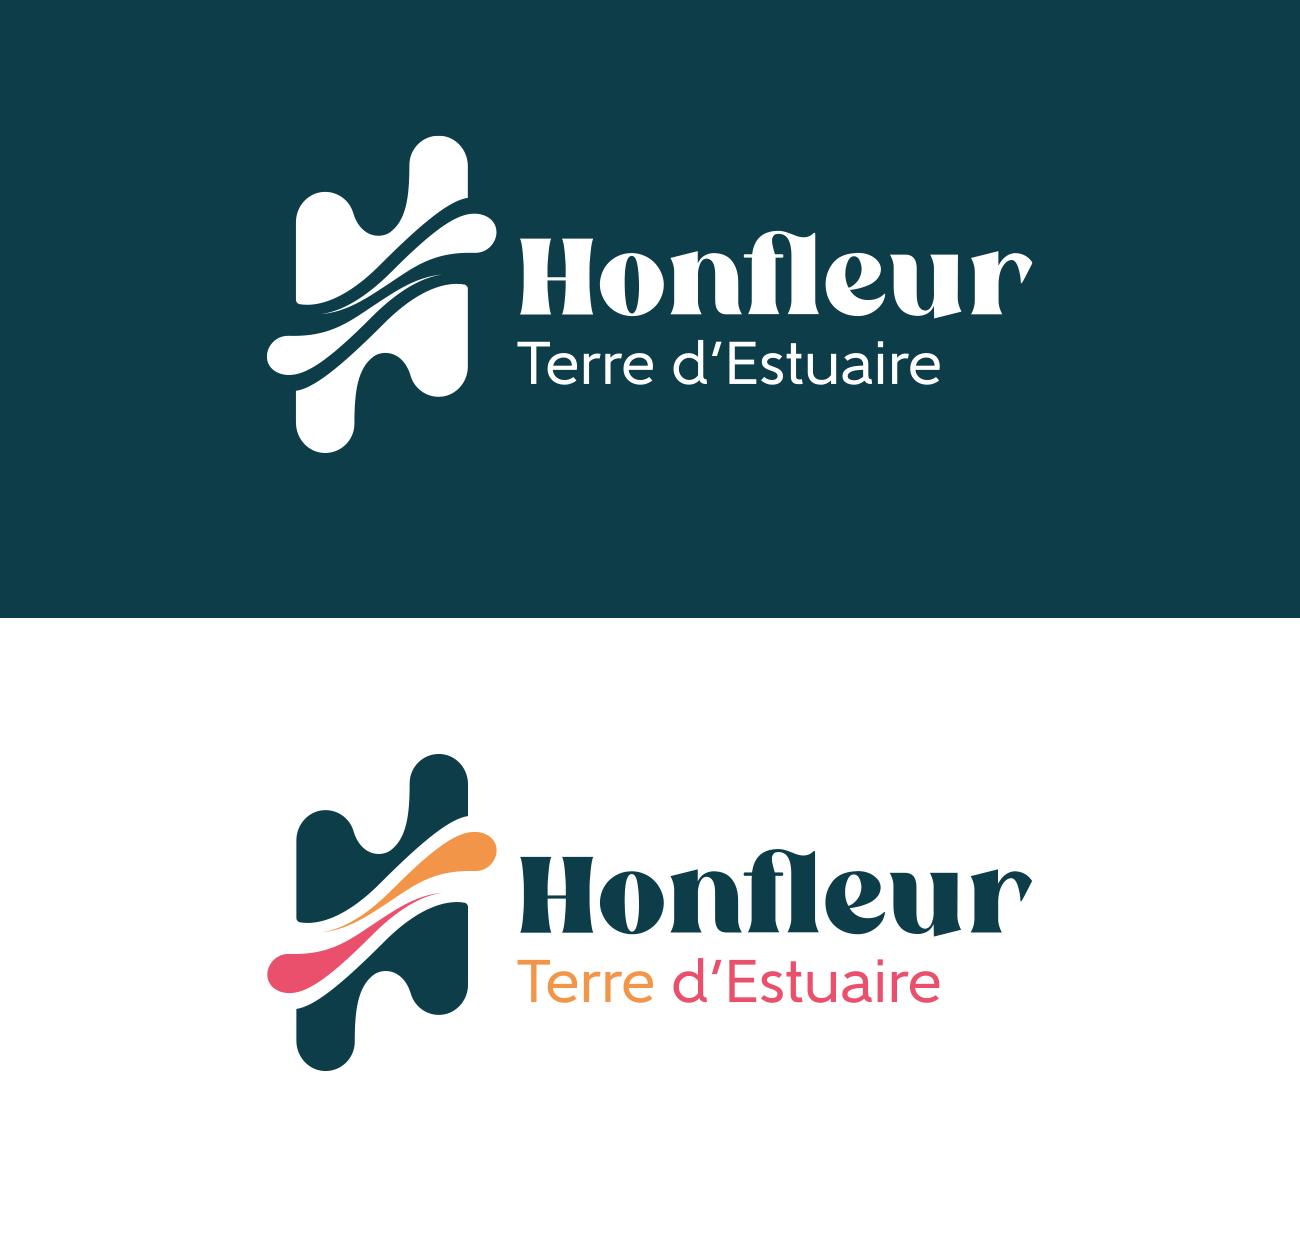 Creation du logo de Honfleur Terre d'Estuaire